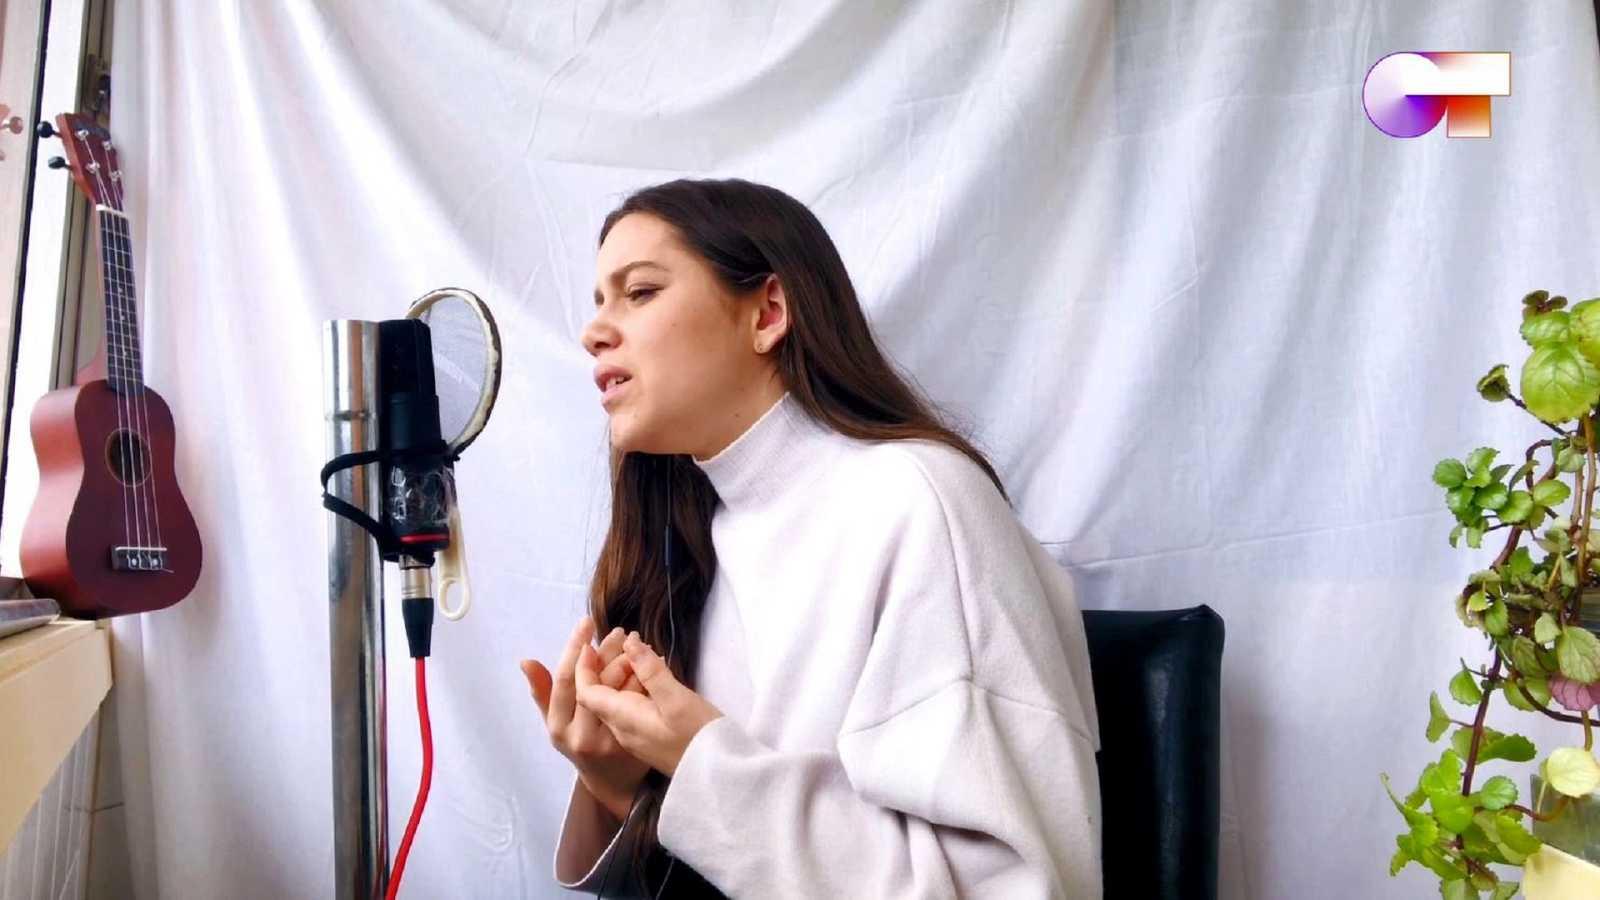 Concierto acústico de Eva desde su casa. Ha cantado seis canciones, dos suyas.